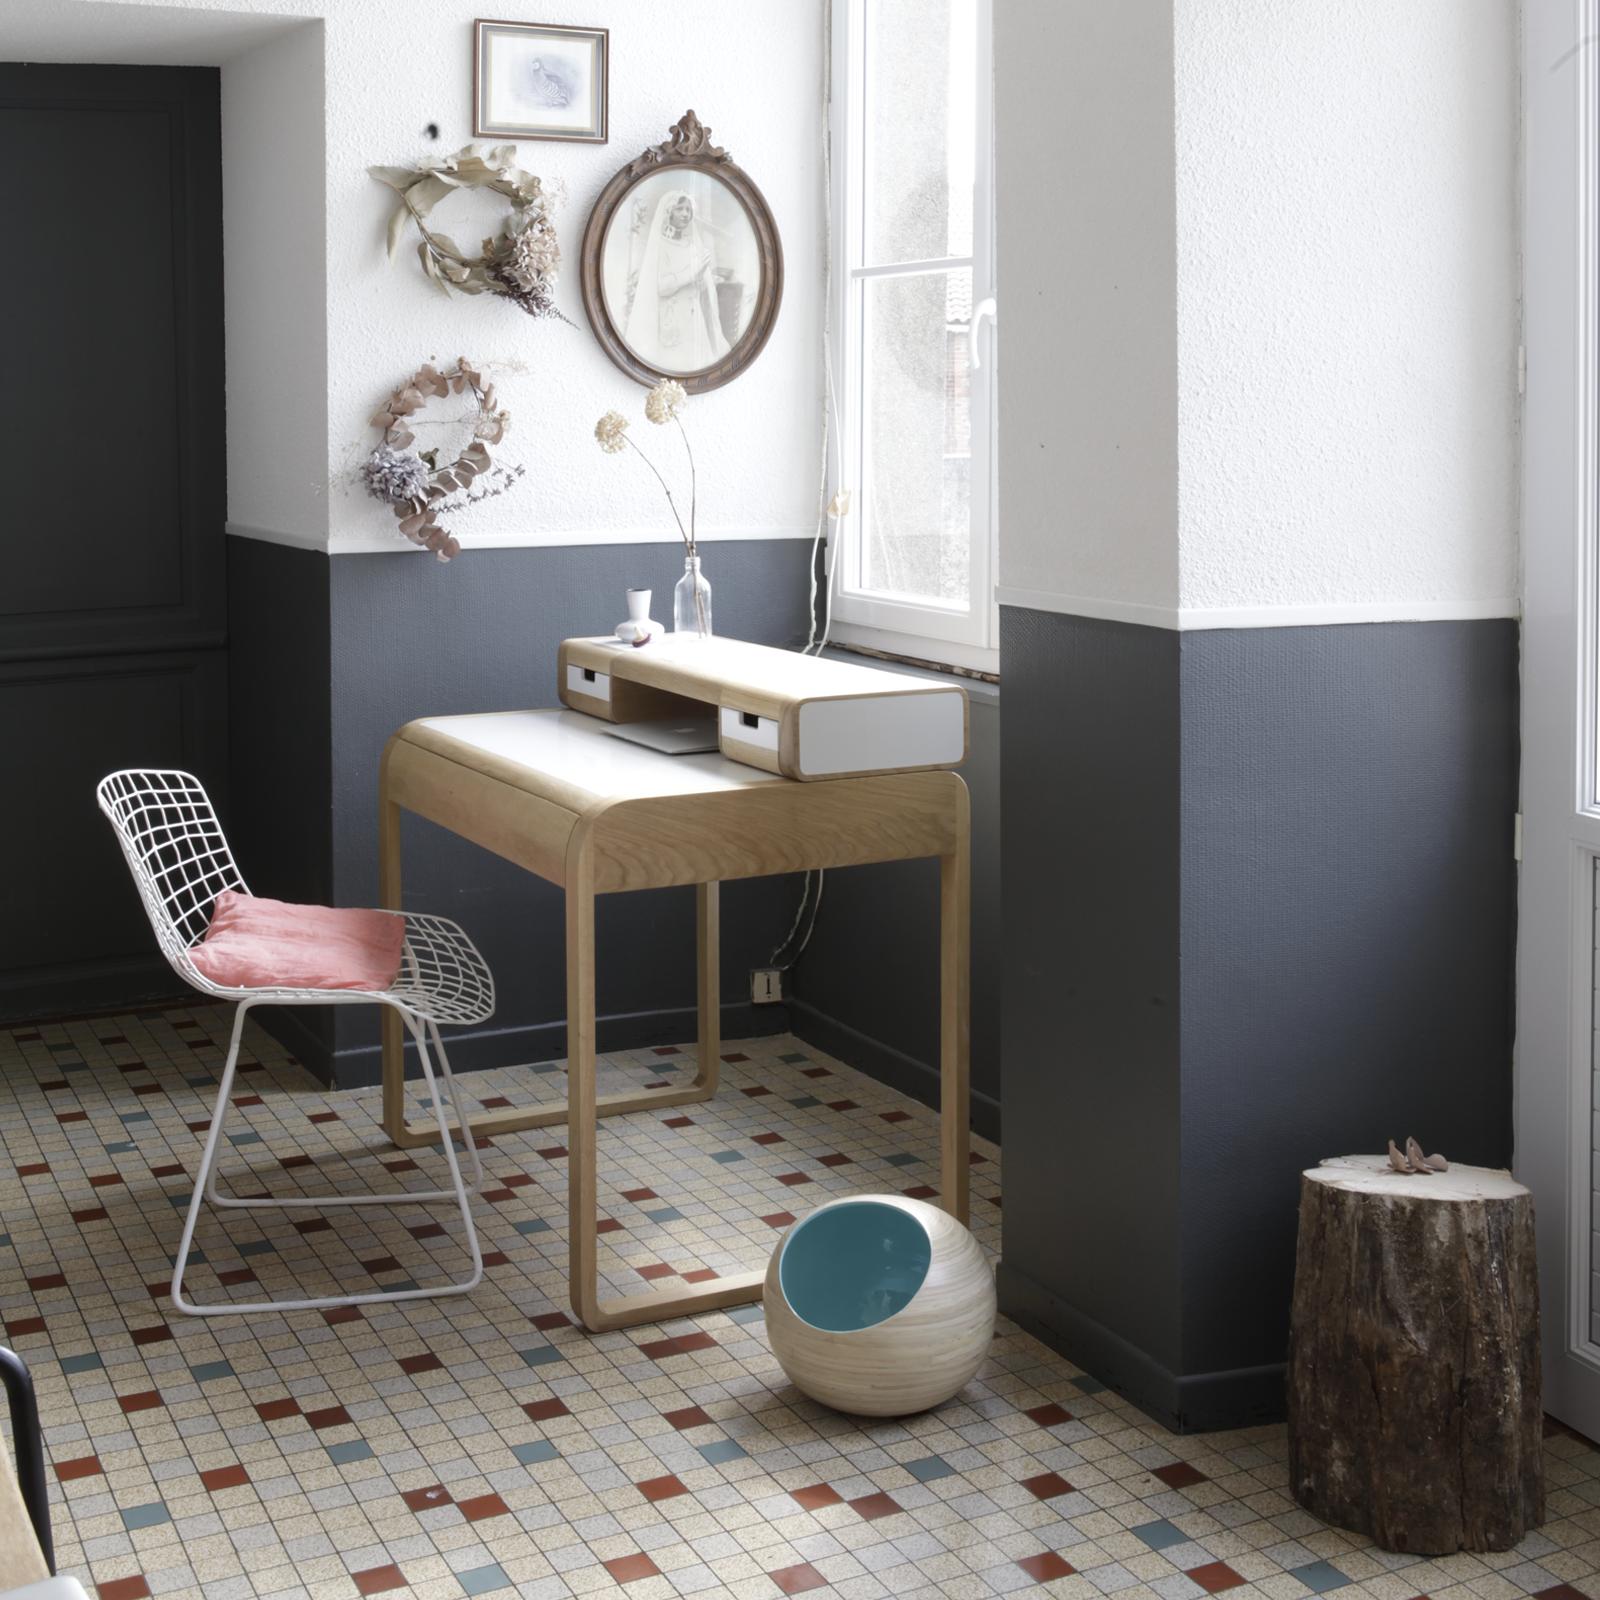 Стол-бюро в современном дизайне